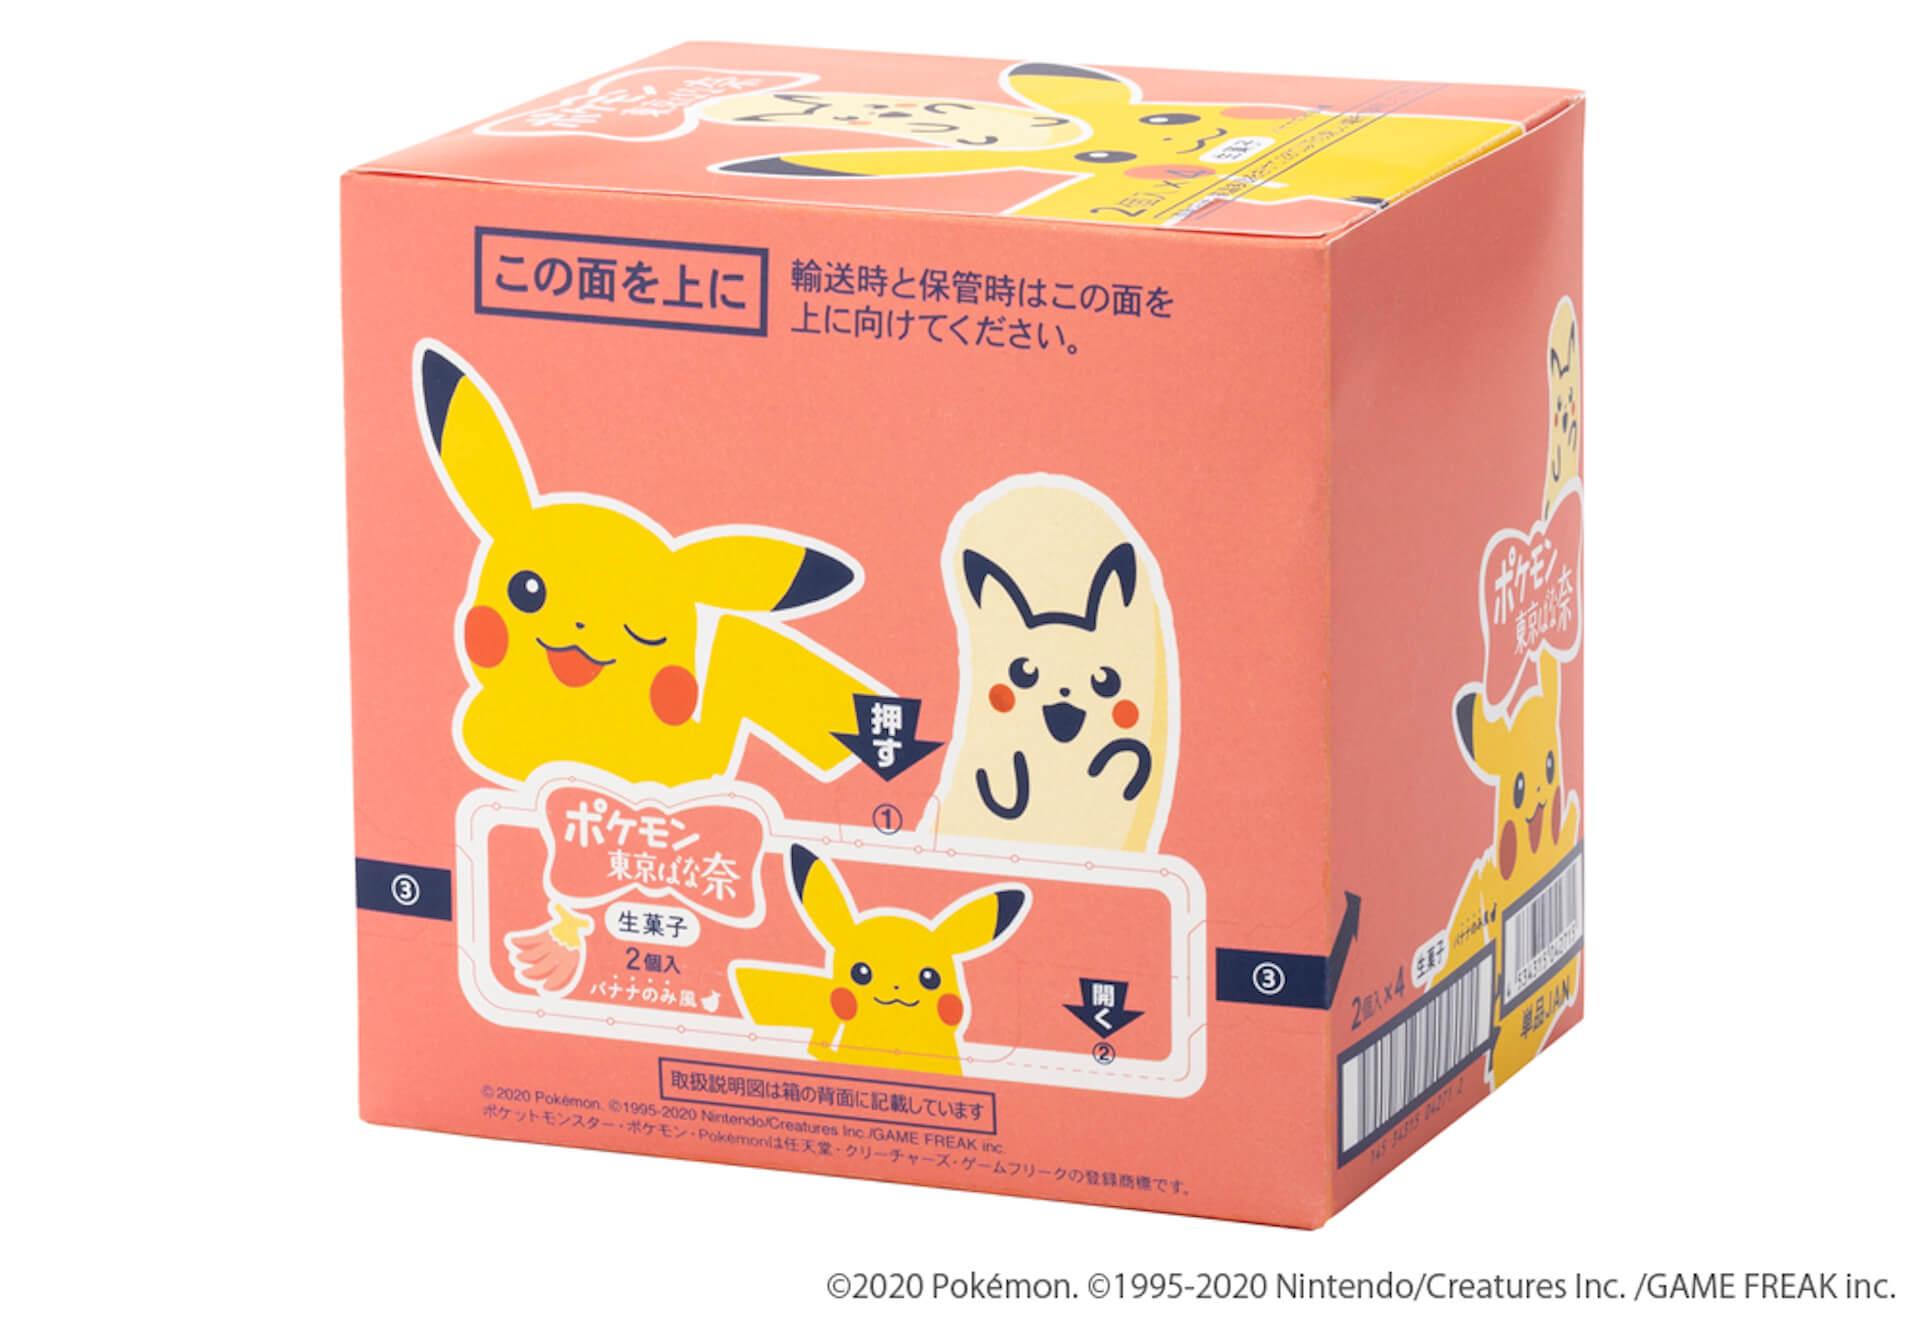 ピカチュウが東京ばな奈になっちゃった!?「ポケモン東京ばな奈」第1弾商品「ピカチュウ東京ばな奈」が北海道、東北などで数量限定先行発売 gourmet201124_tokyobanana_pokemon_15